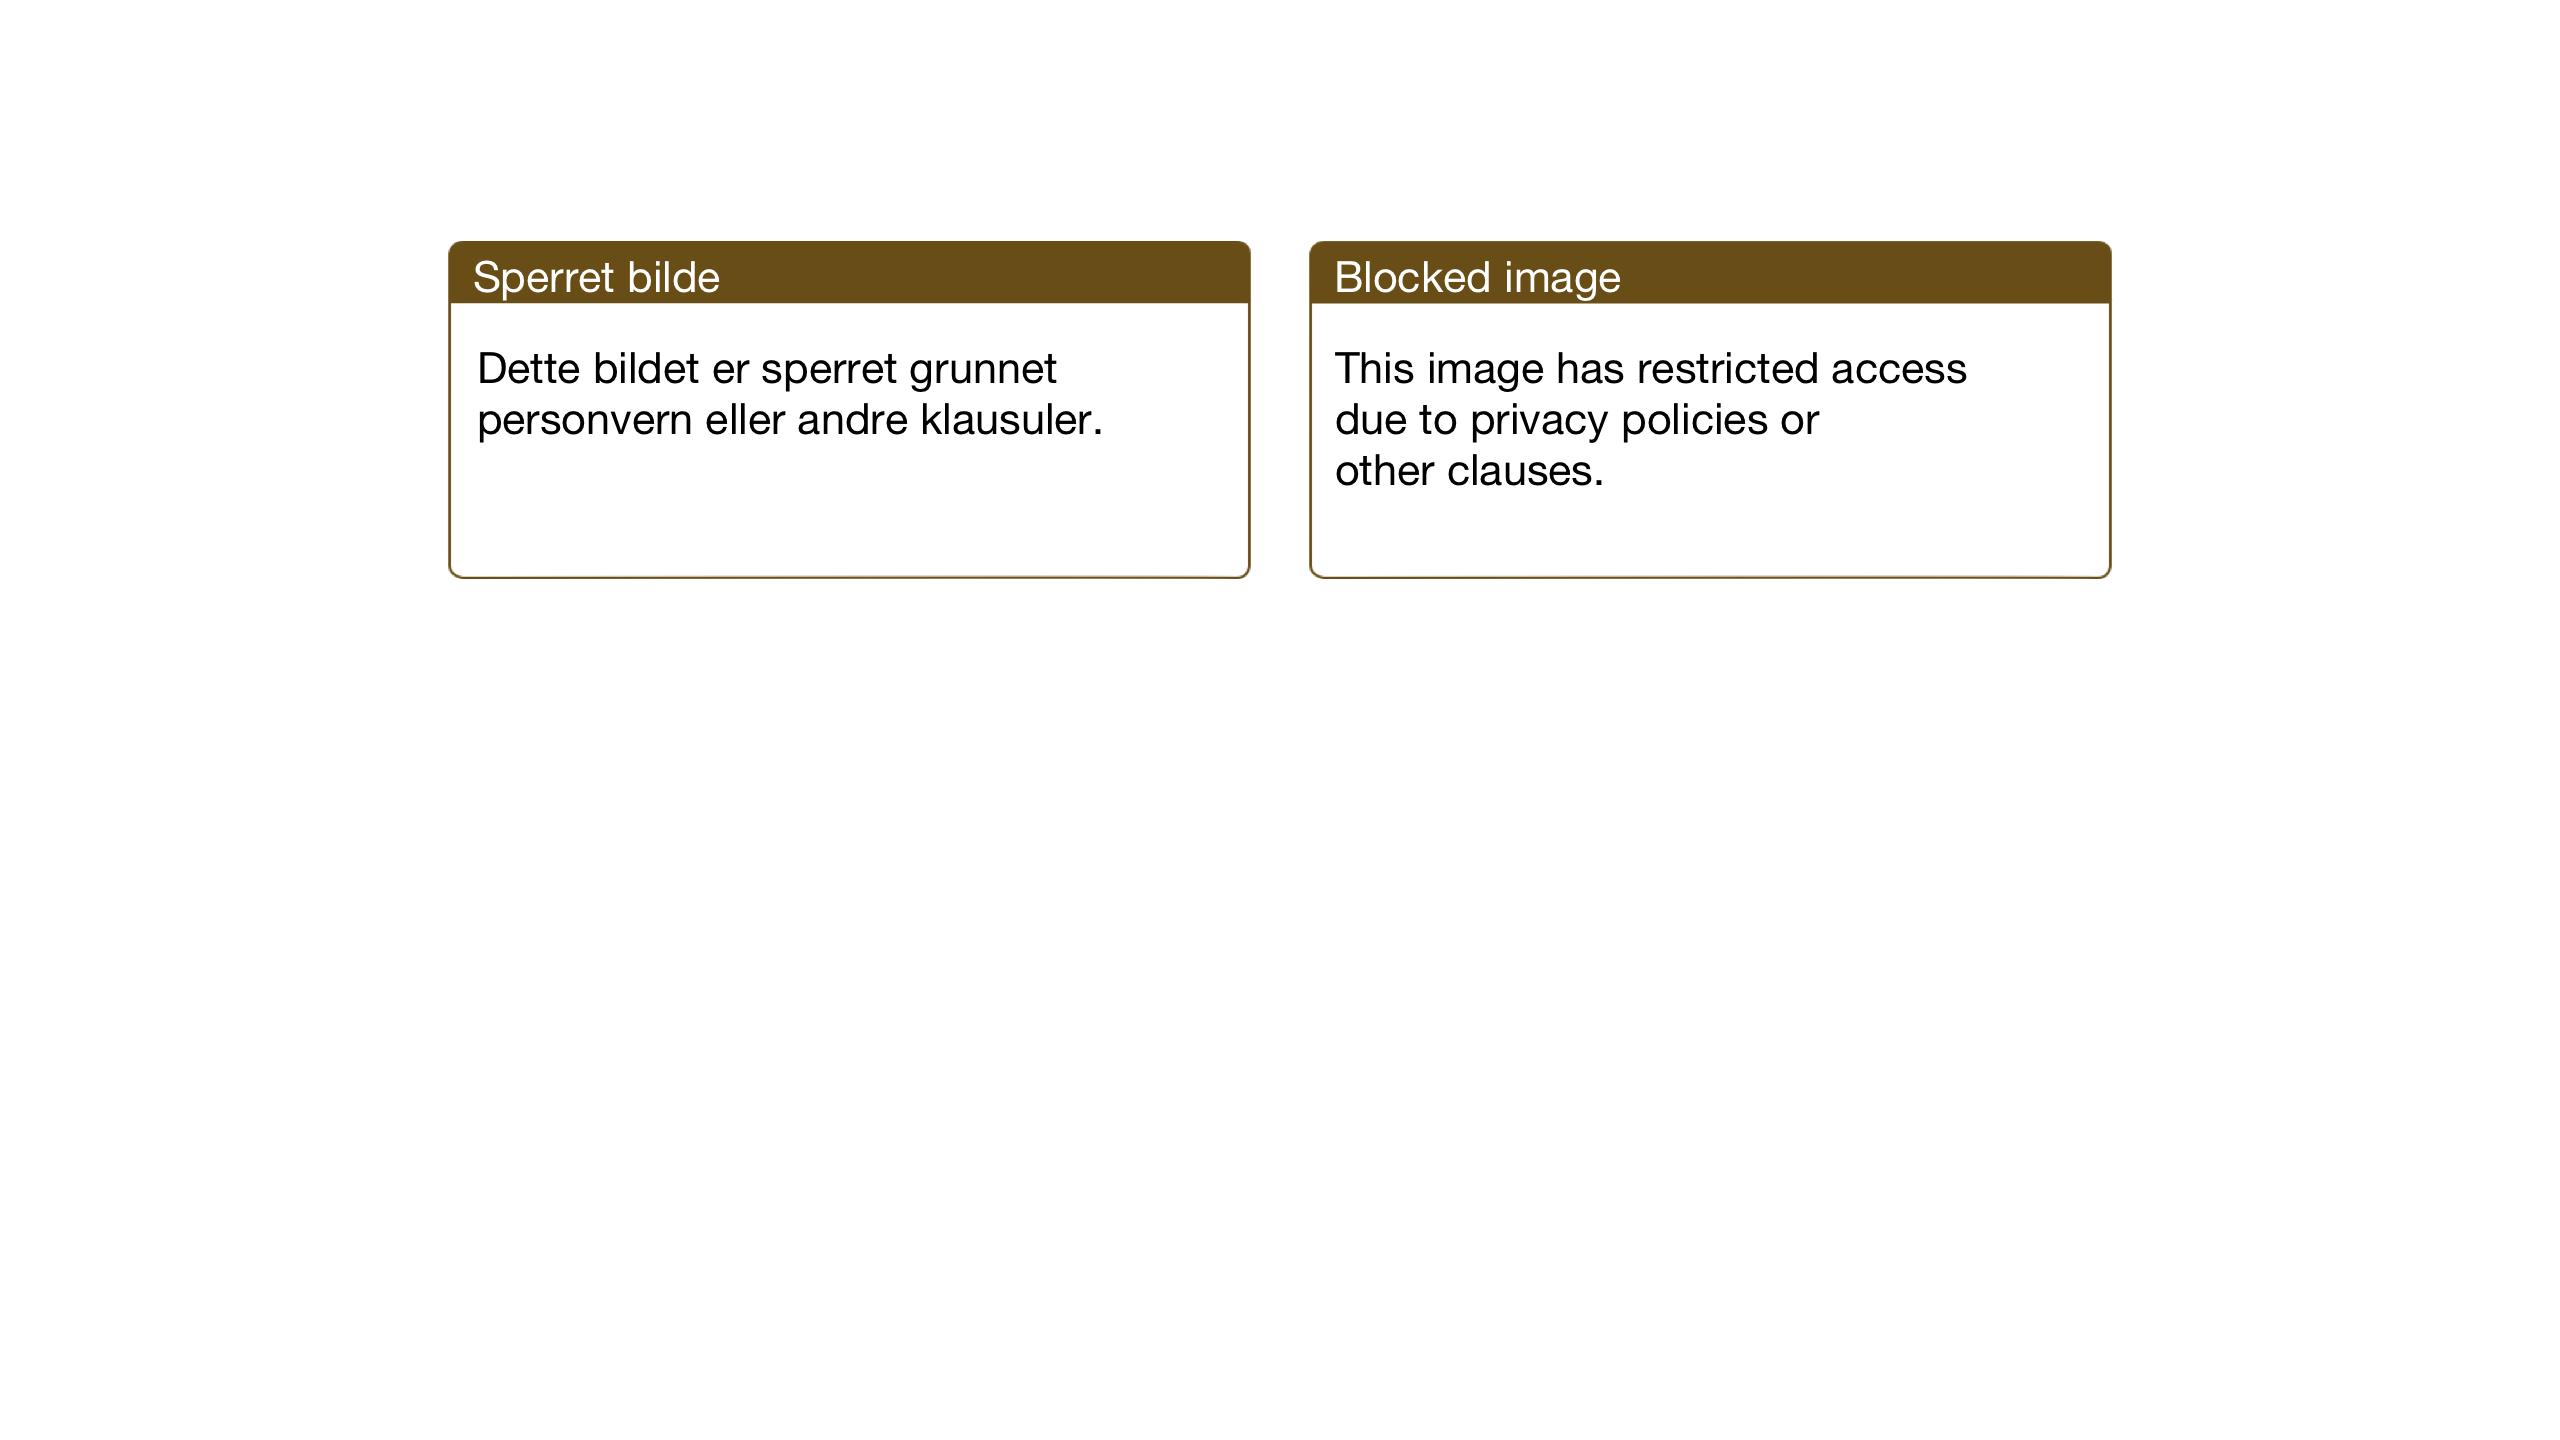 SAT, Ministerialprotokoller, klokkerbøker og fødselsregistre - Sør-Trøndelag, 694/L1134: Klokkerbok nr. 694C06, 1915-1937, s. 77